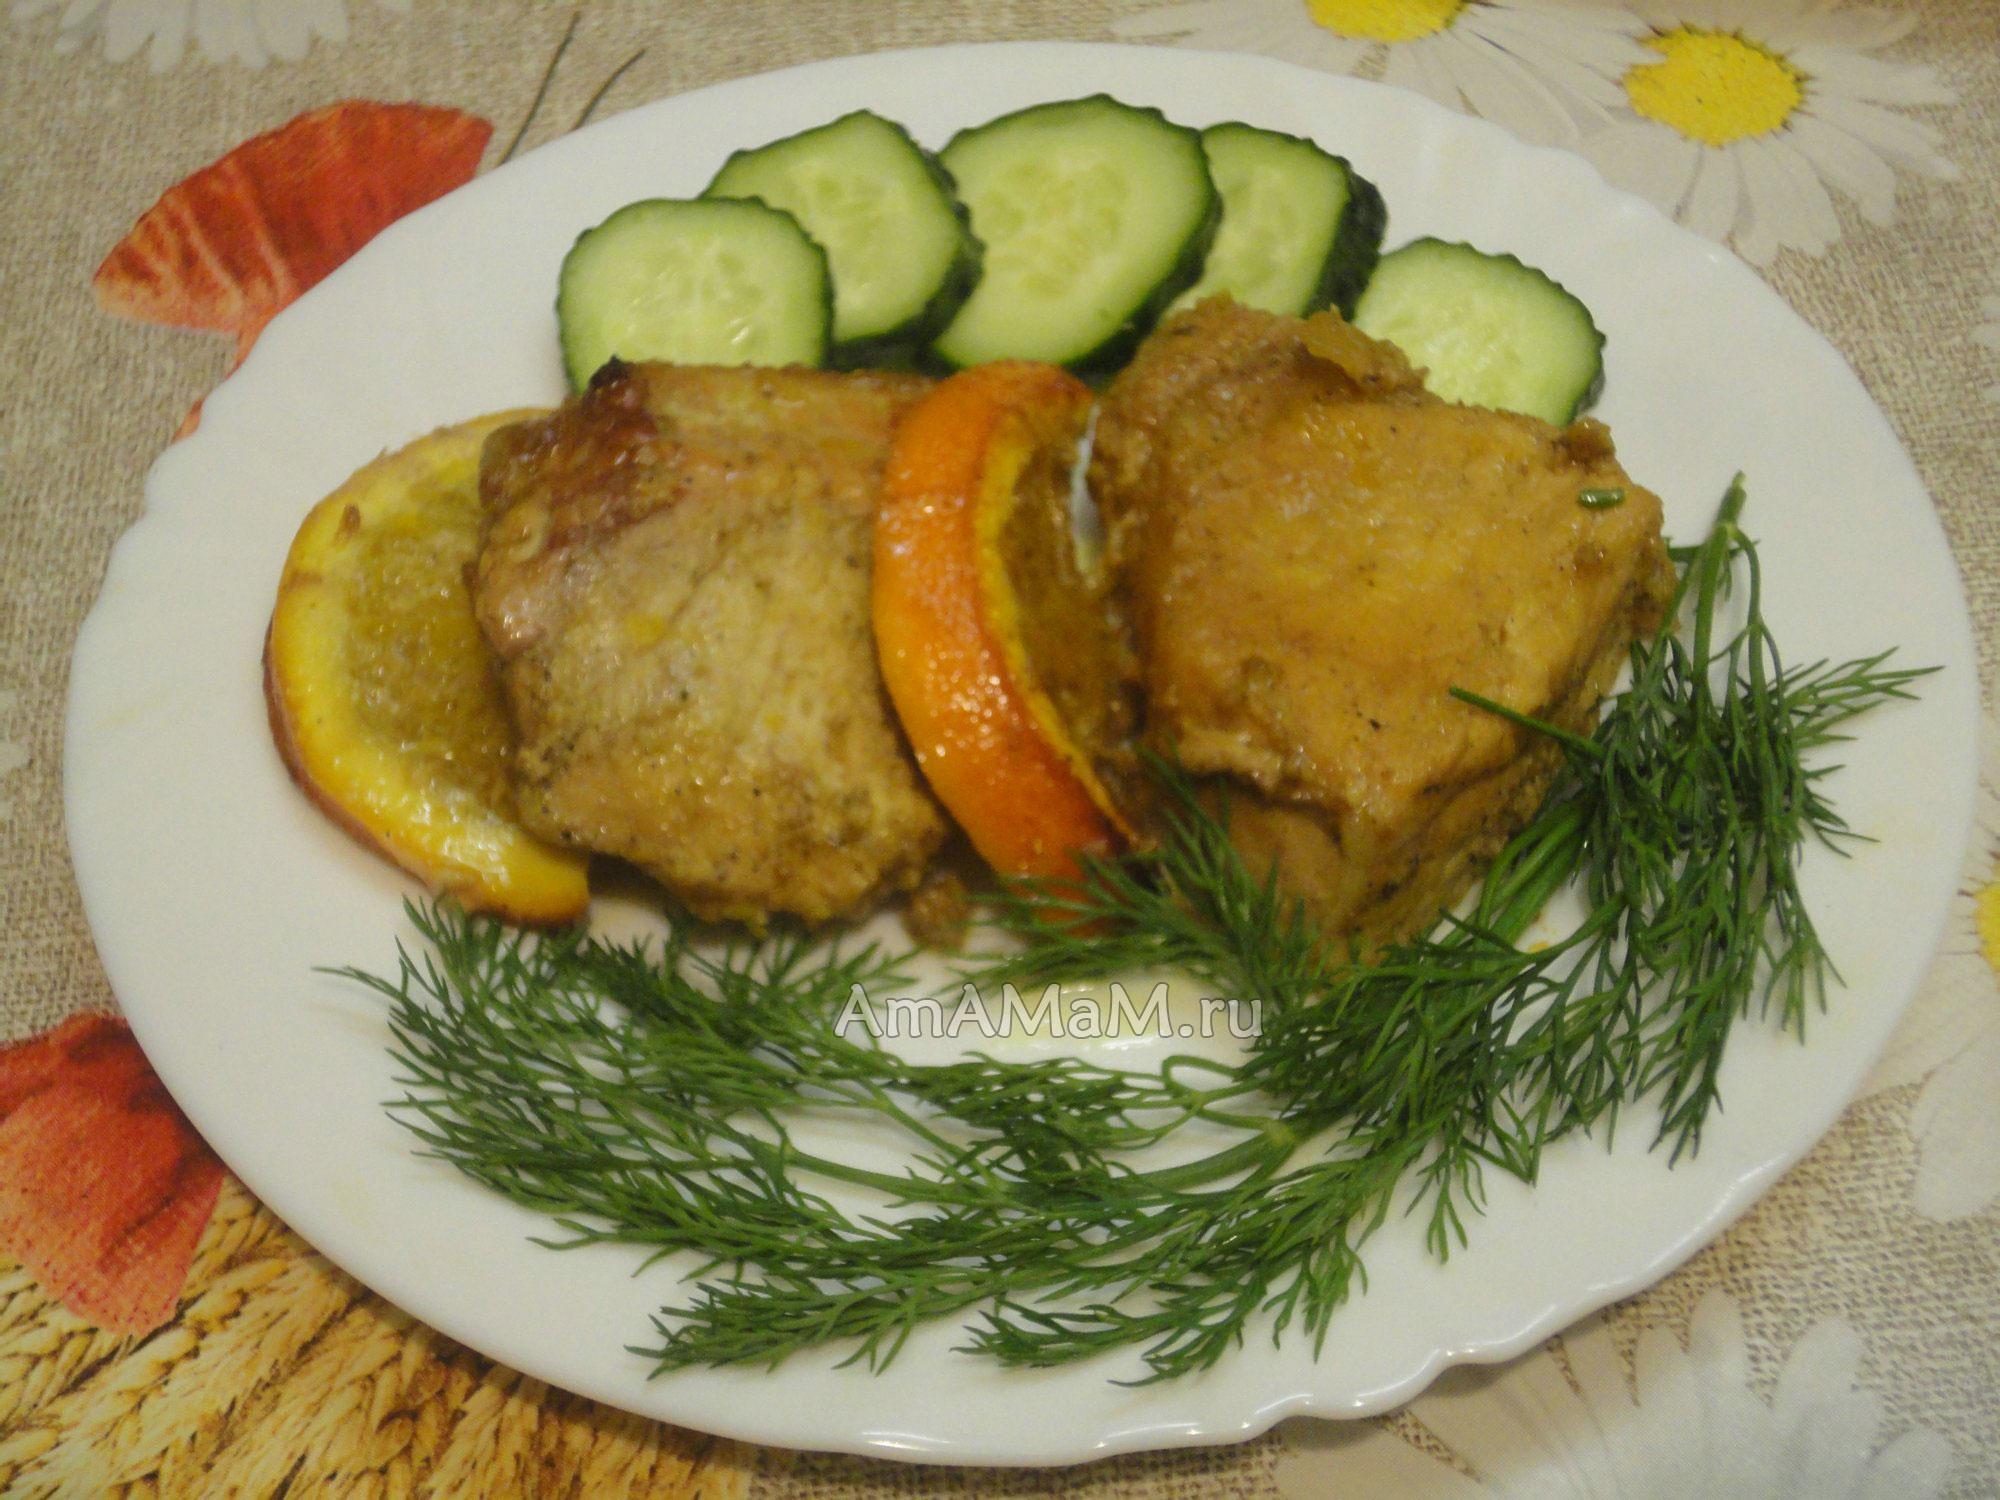 рецепты запекания свинины в духовке с овощами